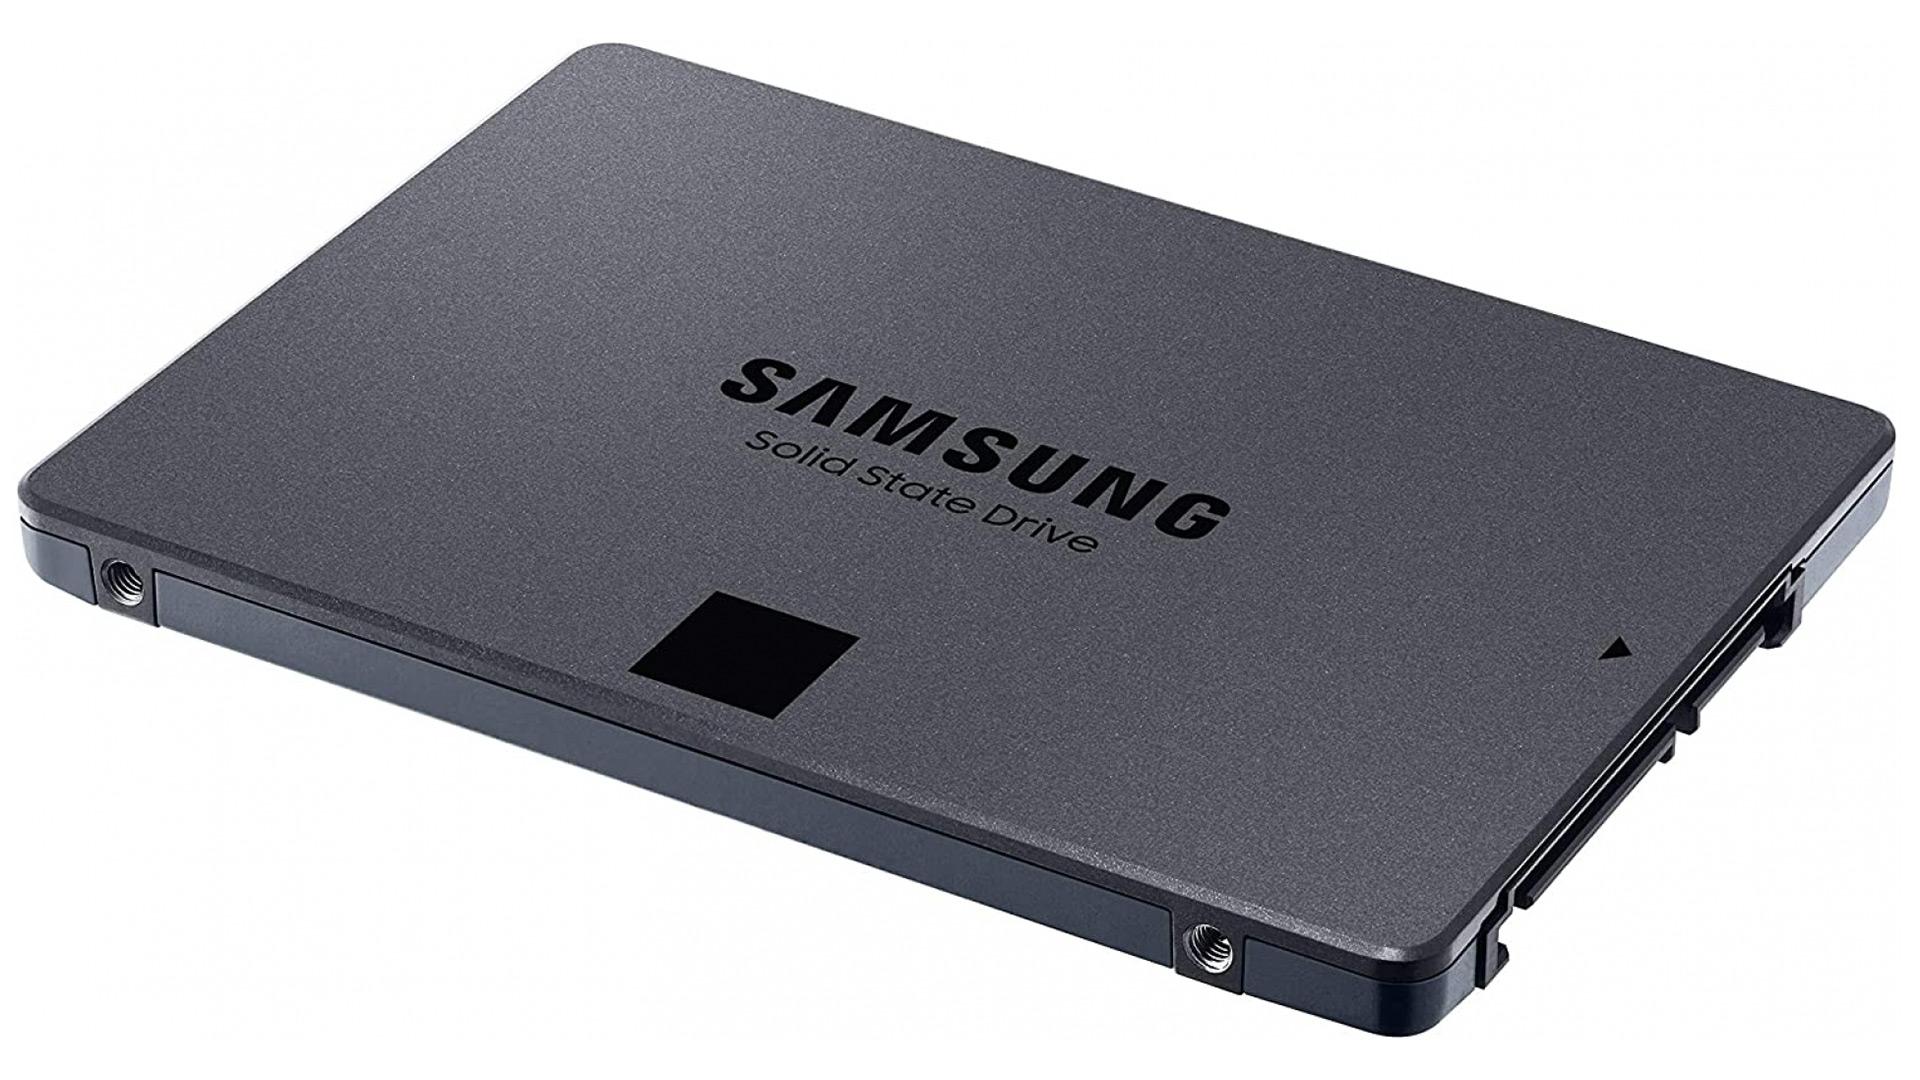 Samsung 870 QVO merkaturatzea da.  Bertsio bat agertuko da salgai 8 TB